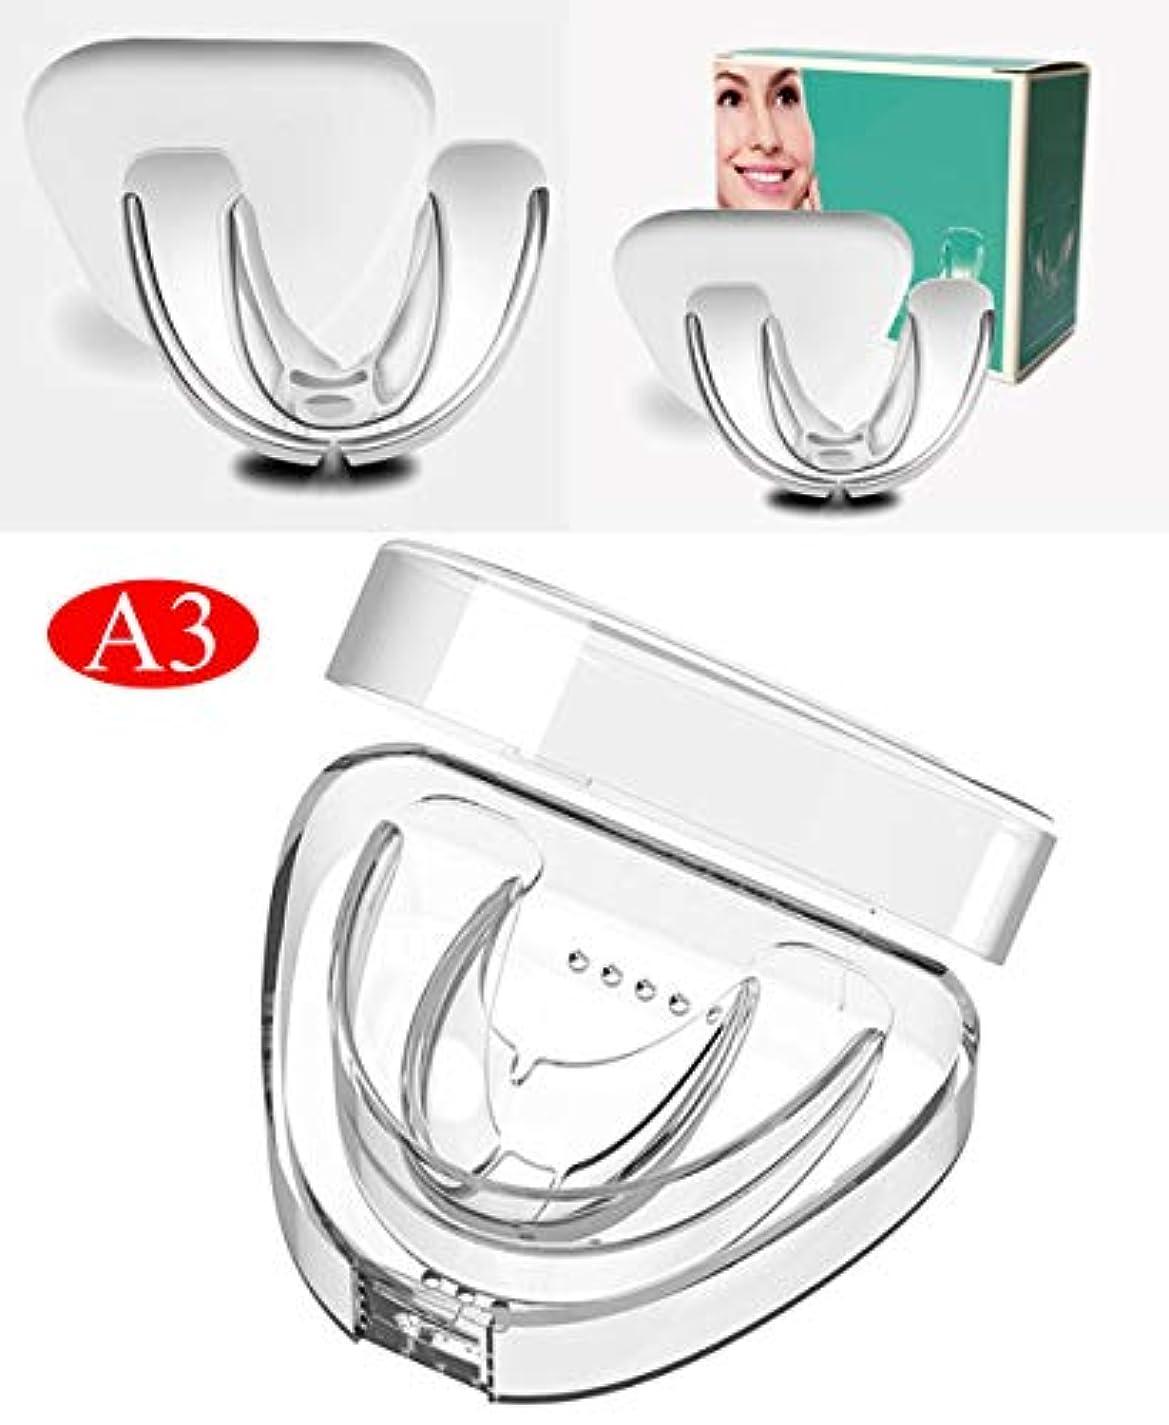 ブーム事情熱歯列矯正用リテーナー、透明歯列矯正用トレーナー歯用器具装具ブレースマウスピース大人用ツール(3段階はオプションです)